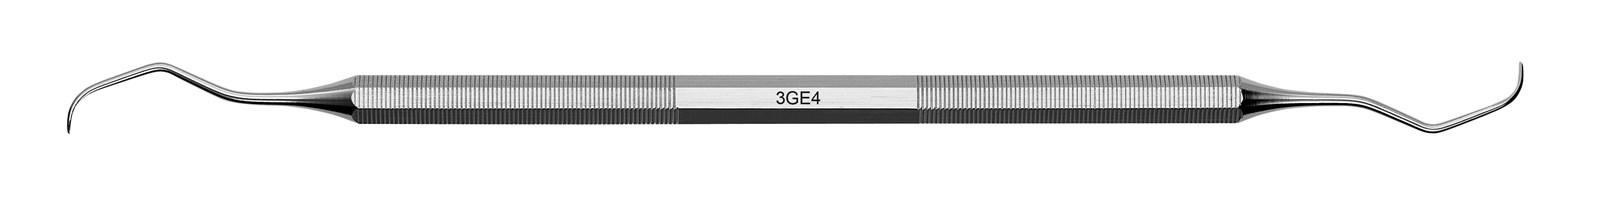 Kyreta Gracey Classic - 3GE4, ADEP silikonový návlek žlutý